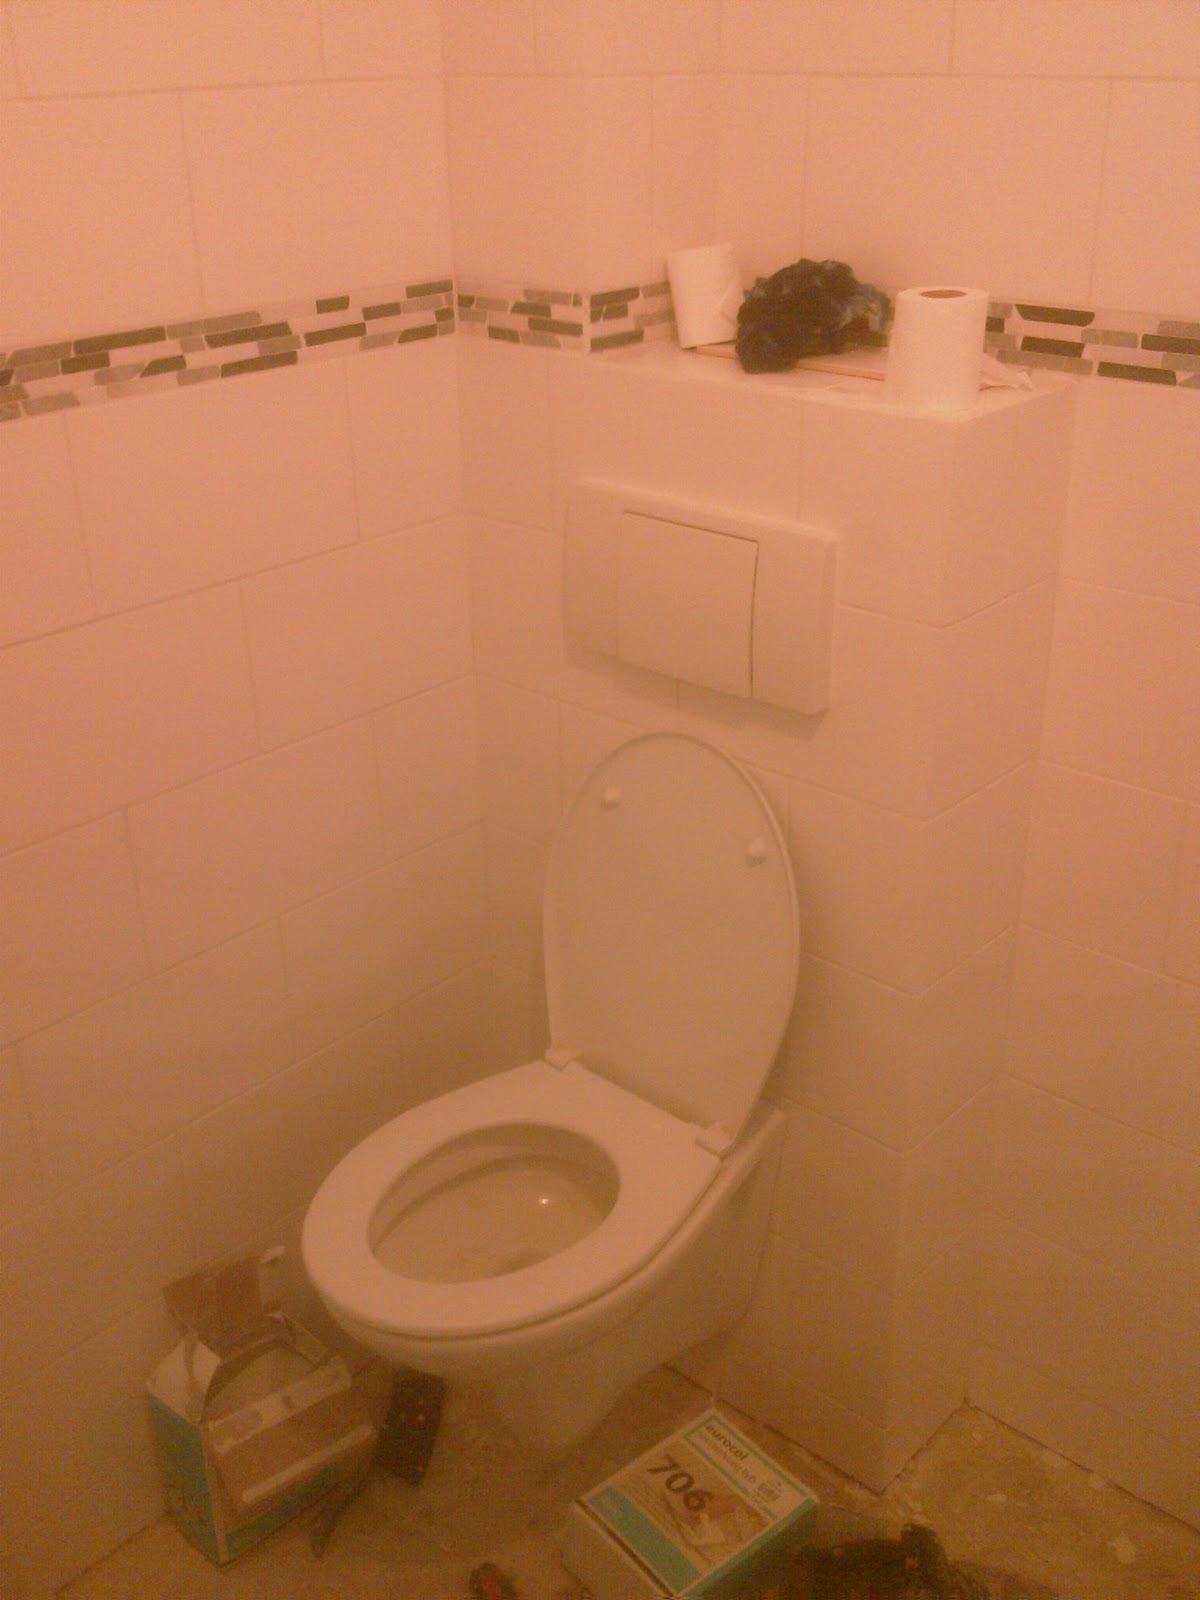 zelf een badkamer maken!: november 2010, Badkamer